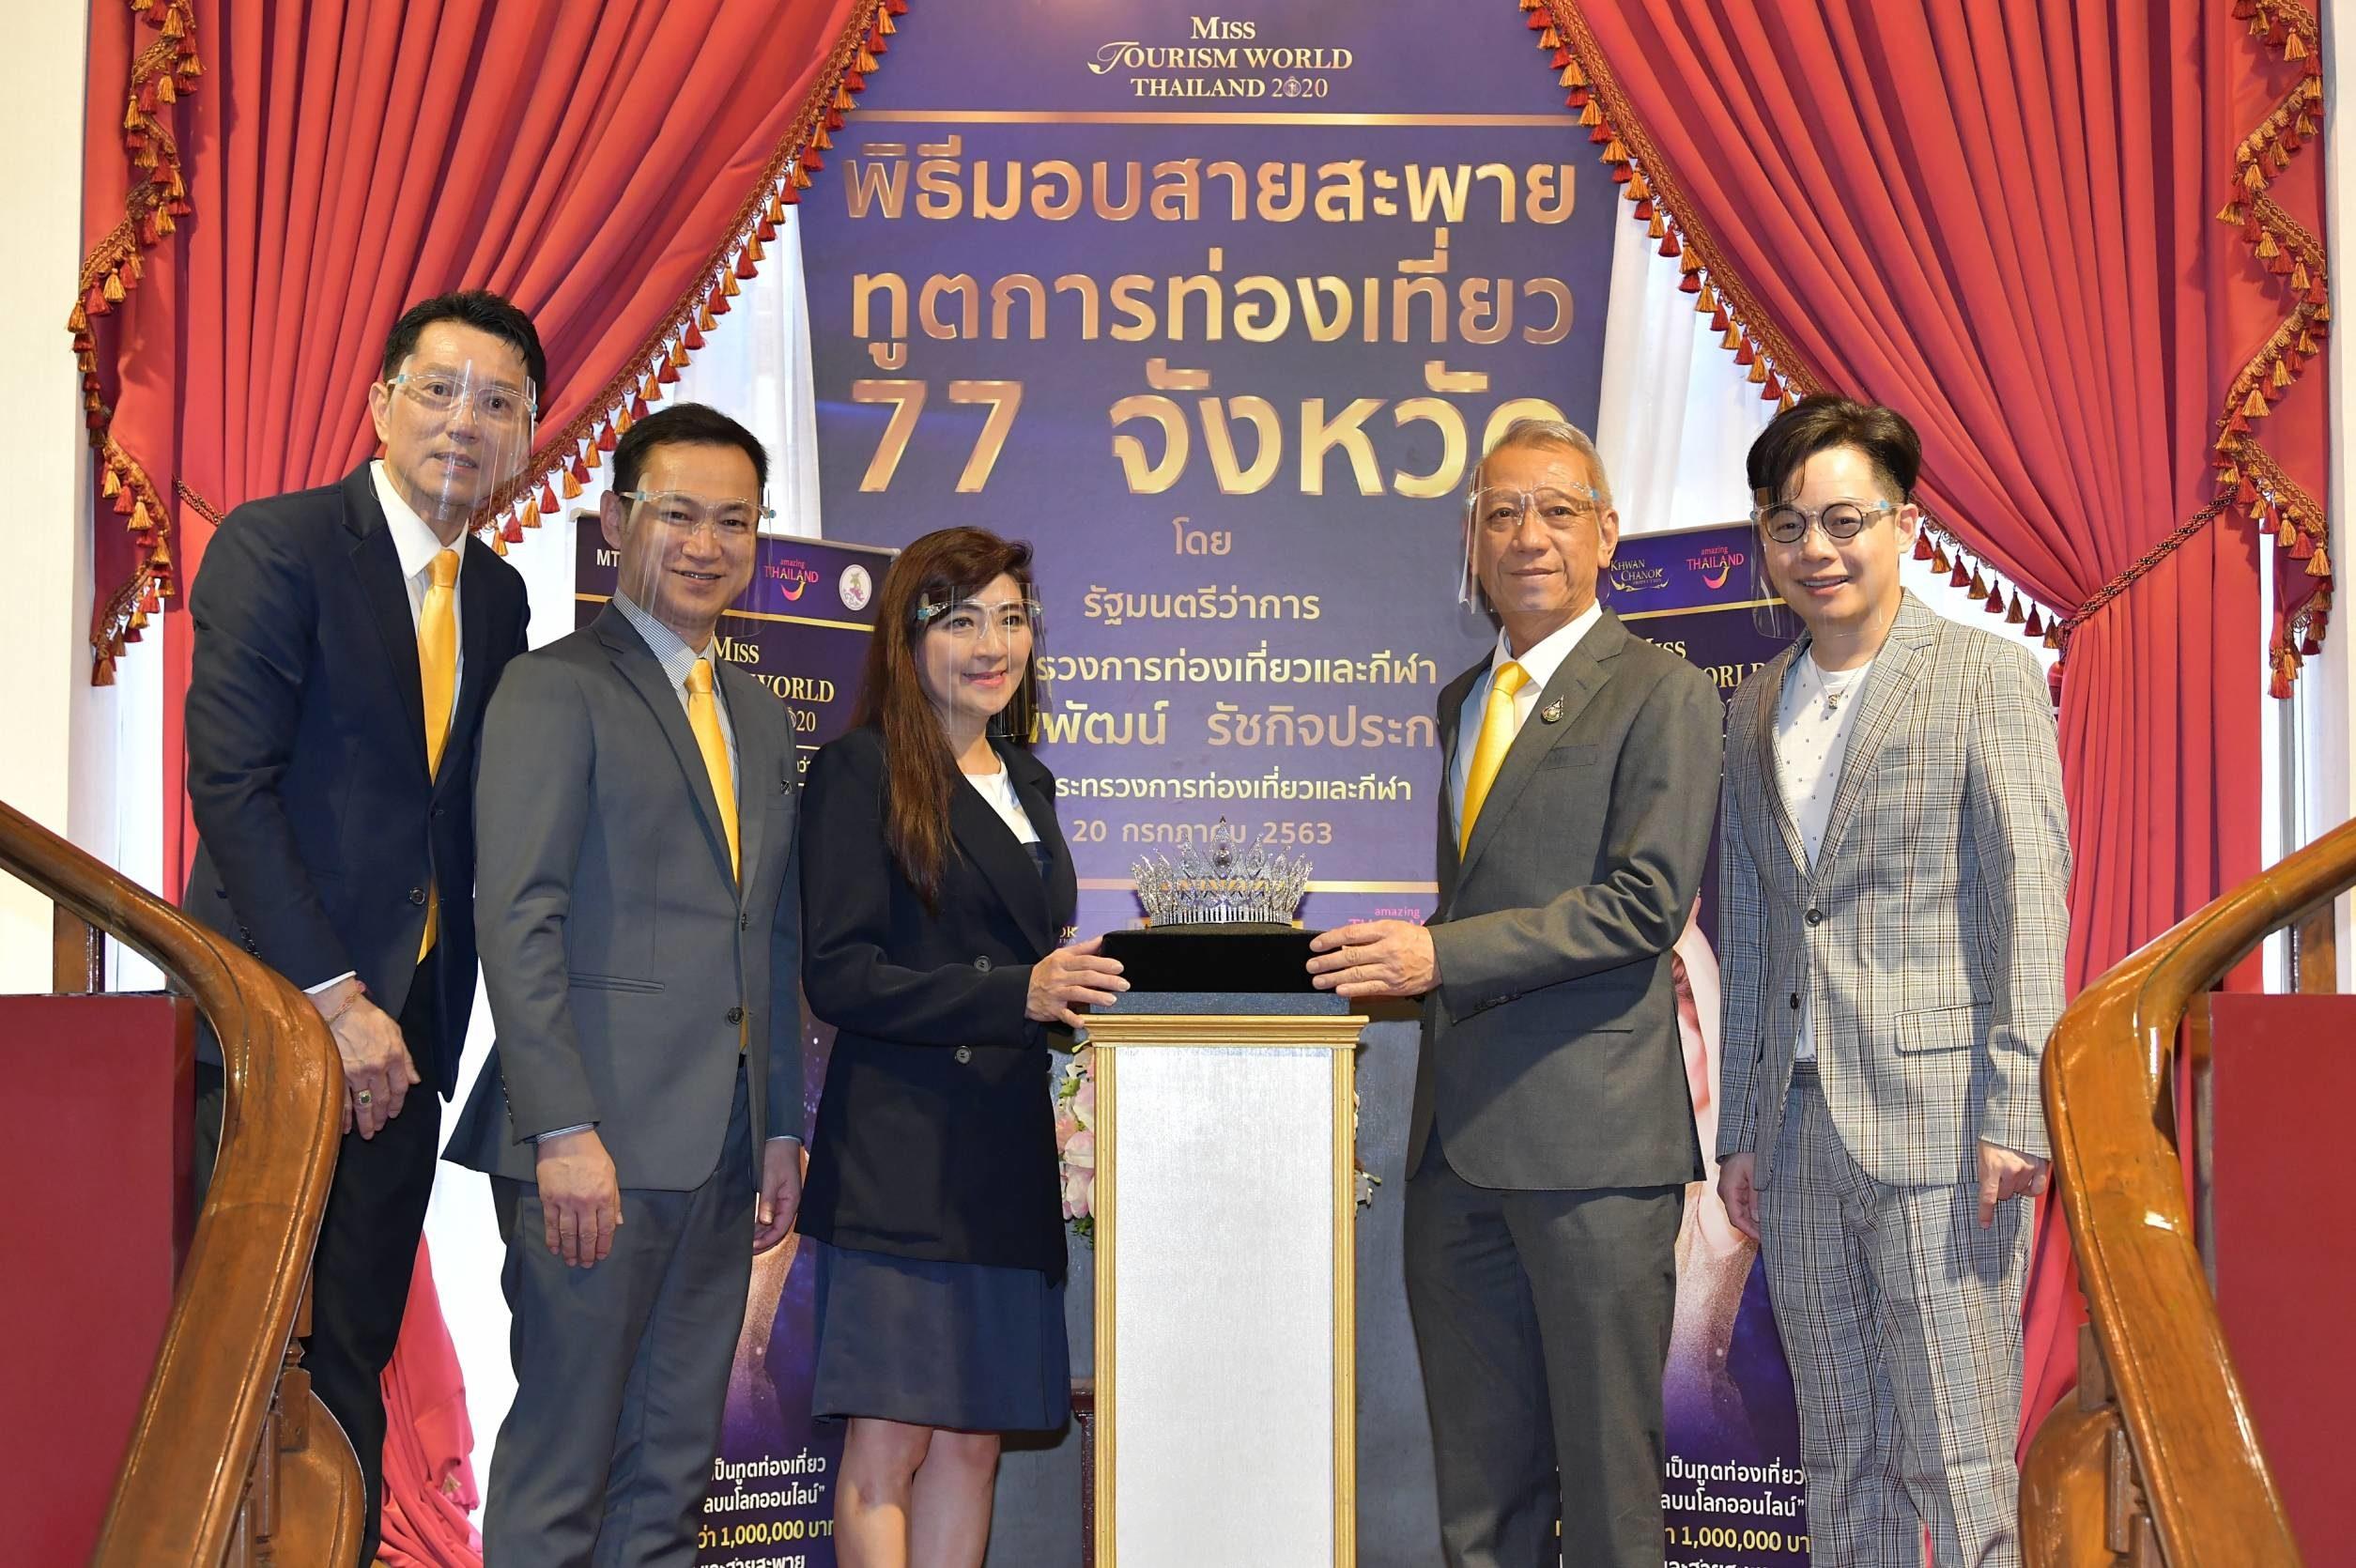 """'กระทรวงท่องเที่ยว' มอบสายสะพาย """"ทูตการท่องเที่ยว 77 จังหวัด - Miss Tourism World Thailand 2020"""""""